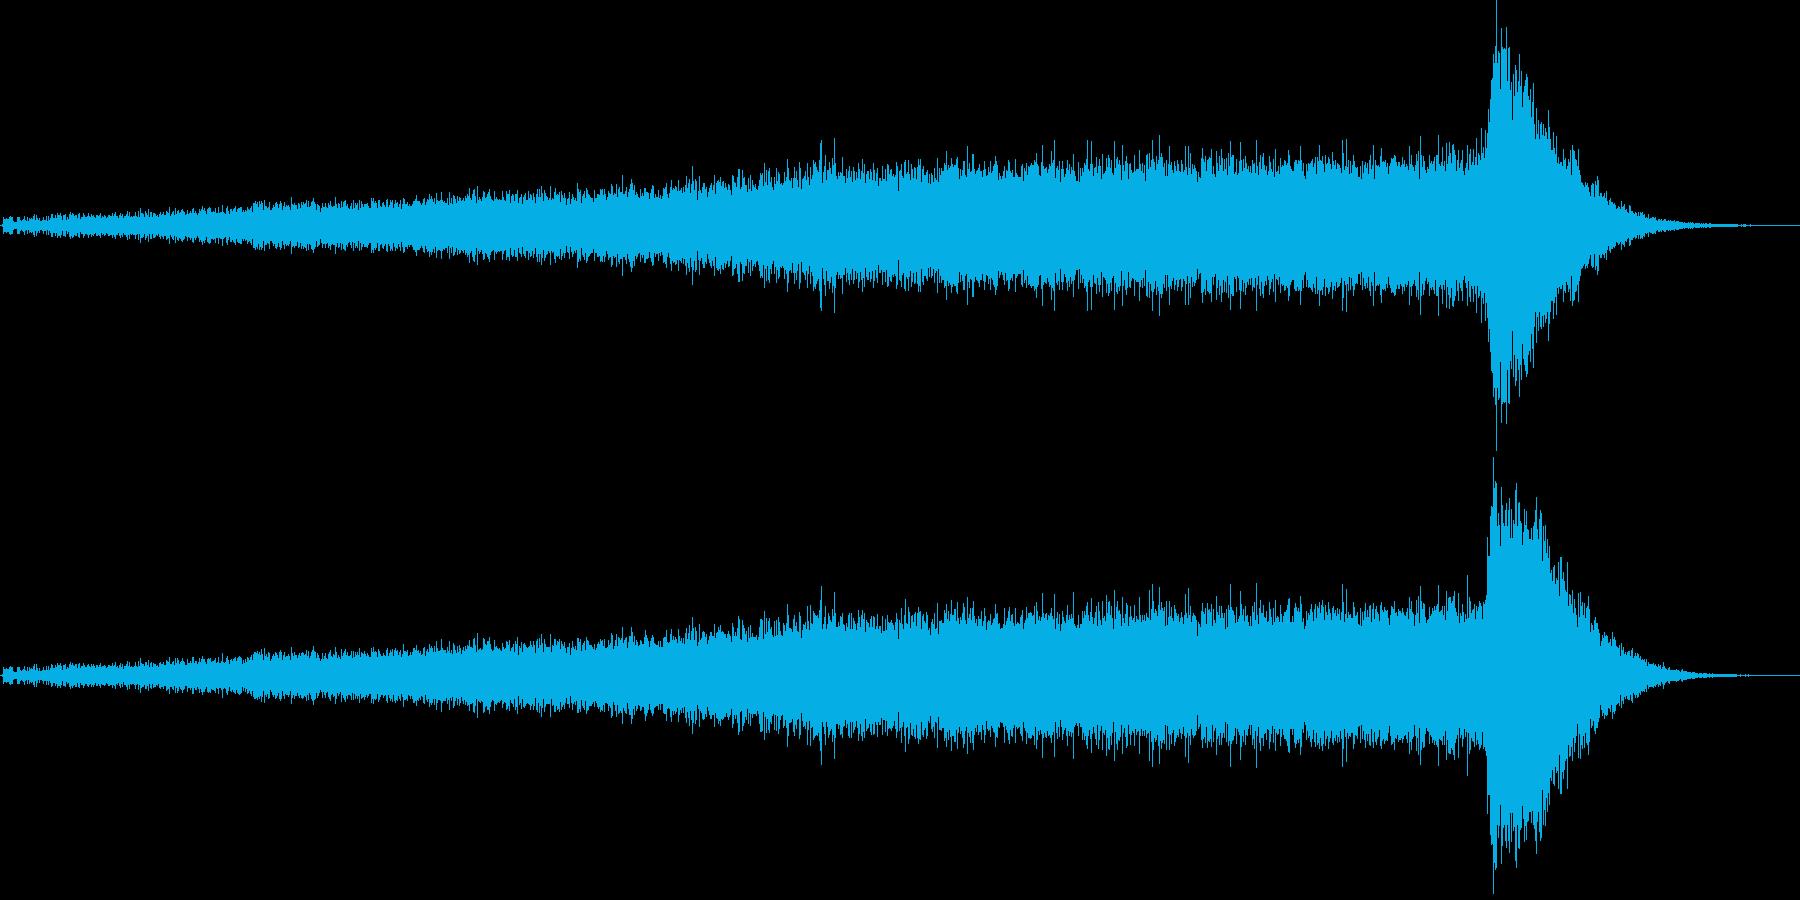 ワープ音(宇宙船、SFイメージ)1の再生済みの波形